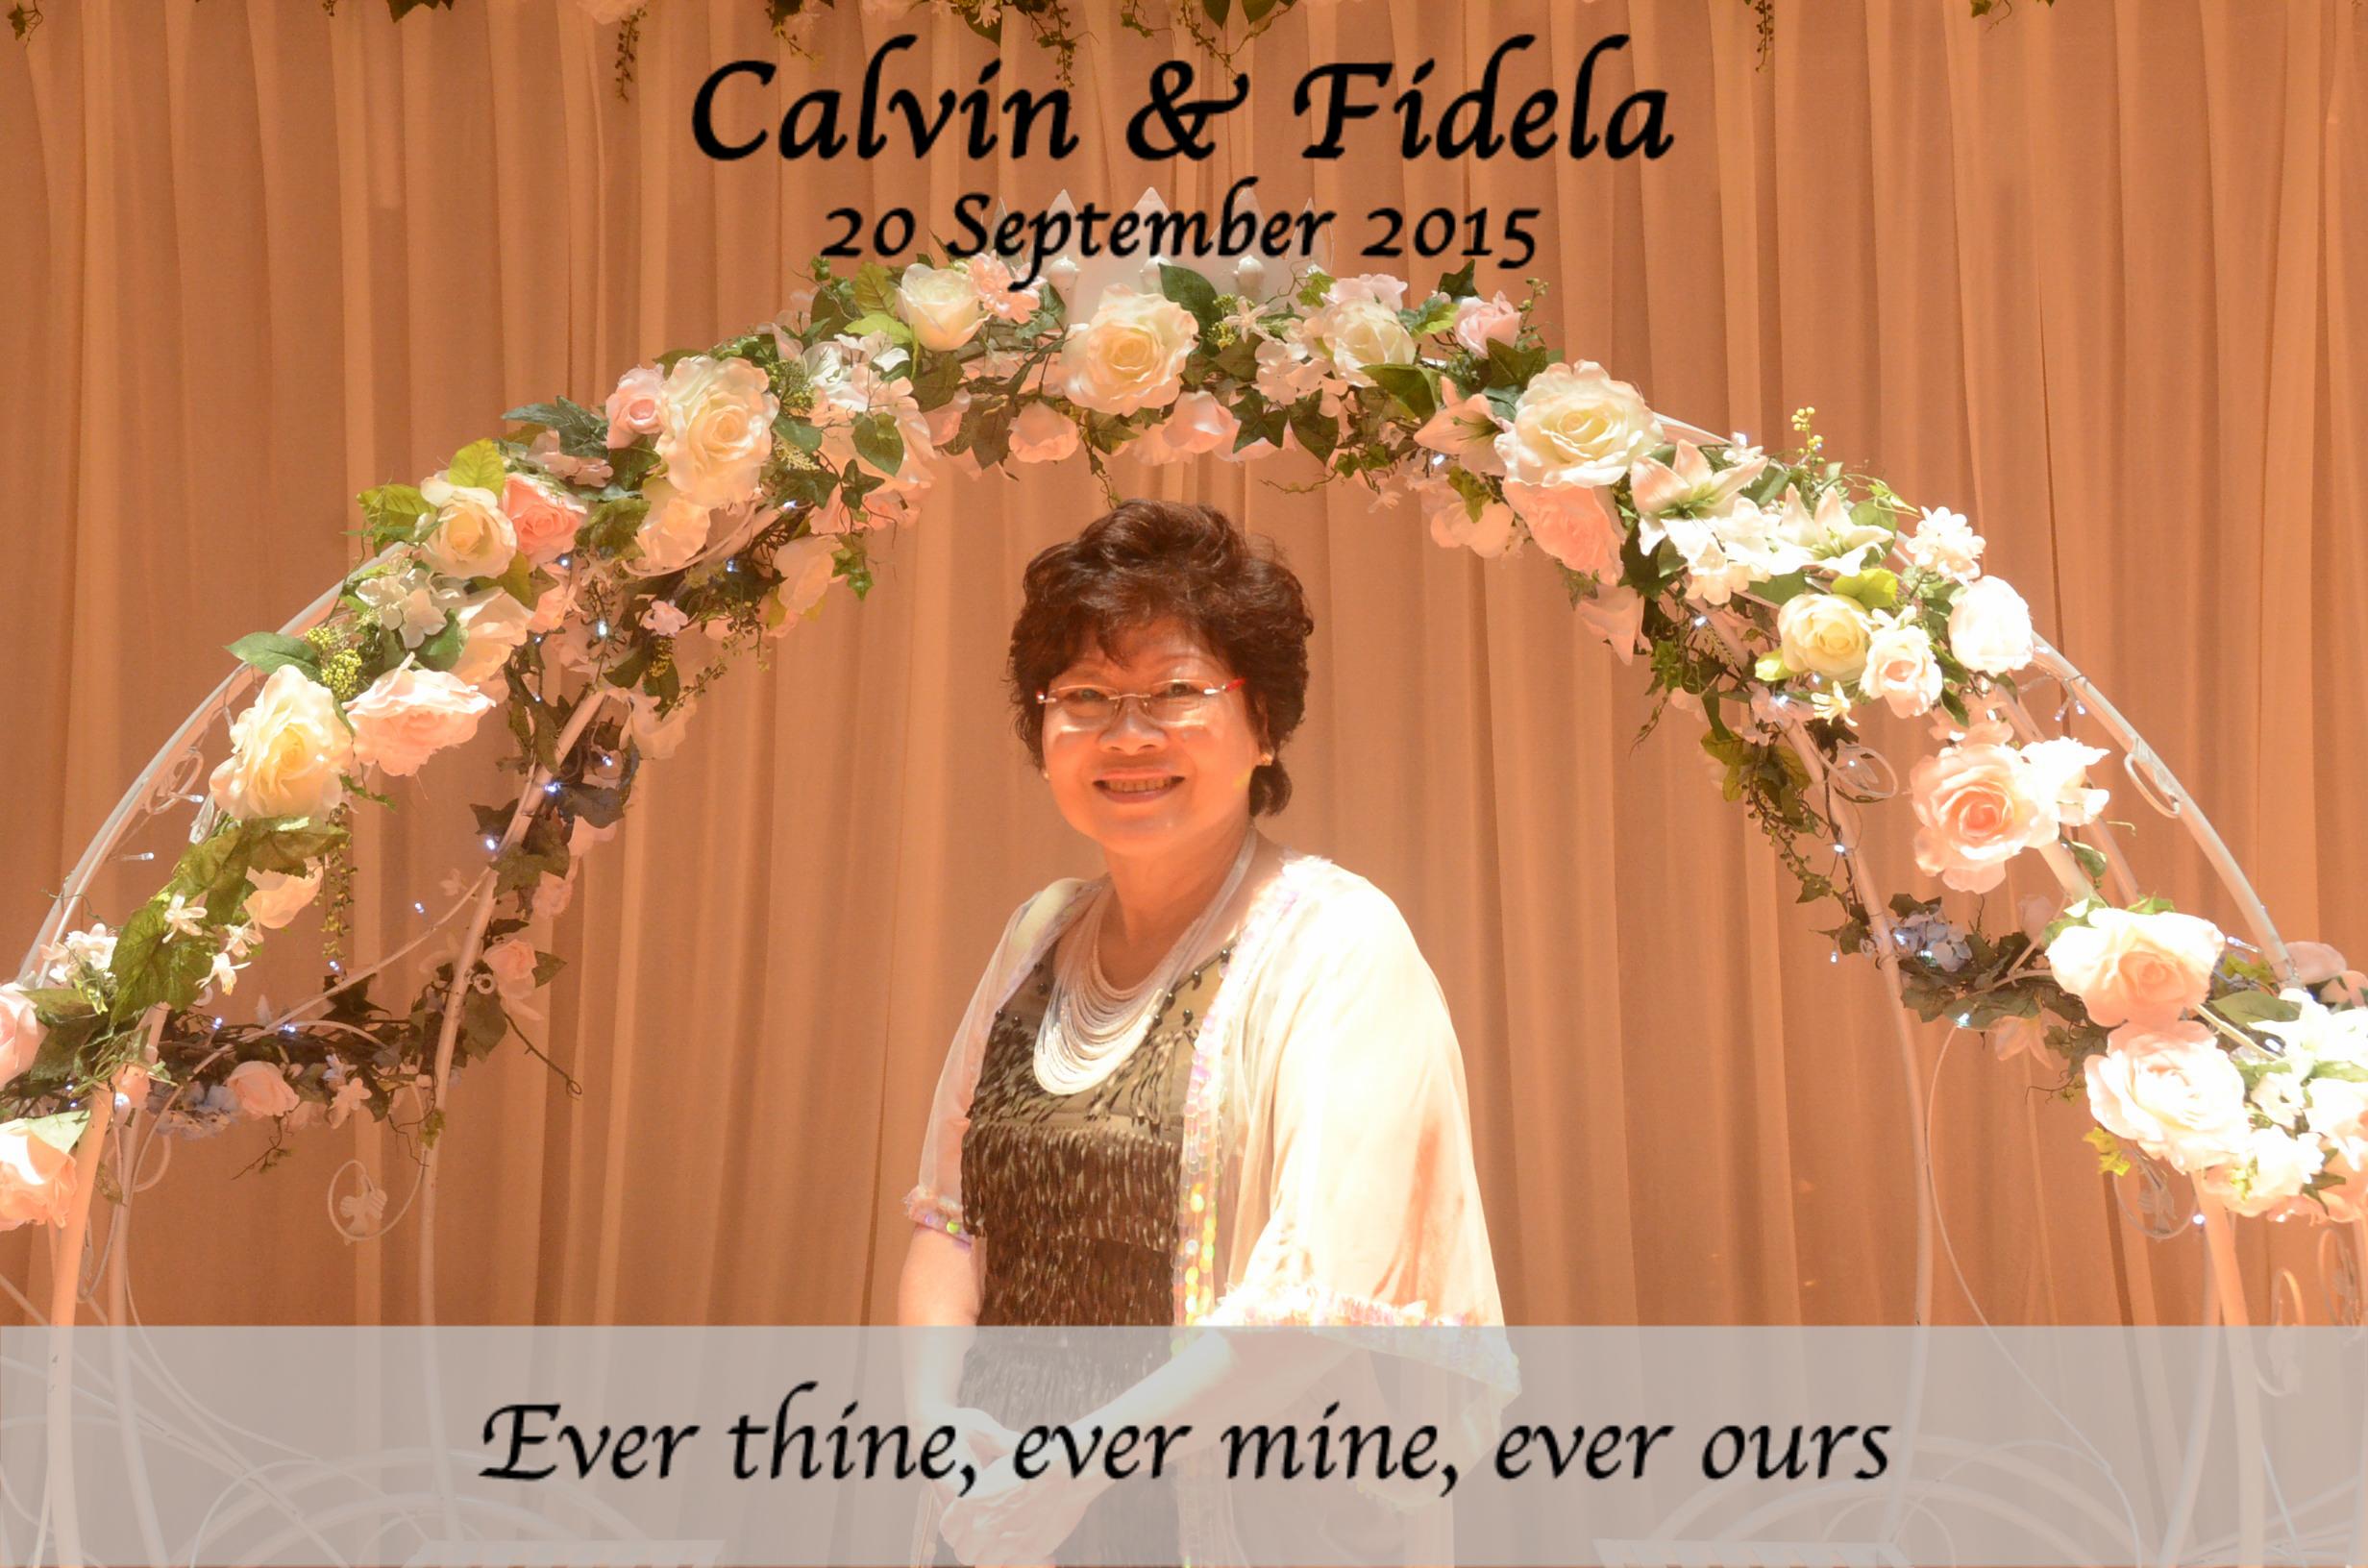 Calvin & Fidela-19.jpg